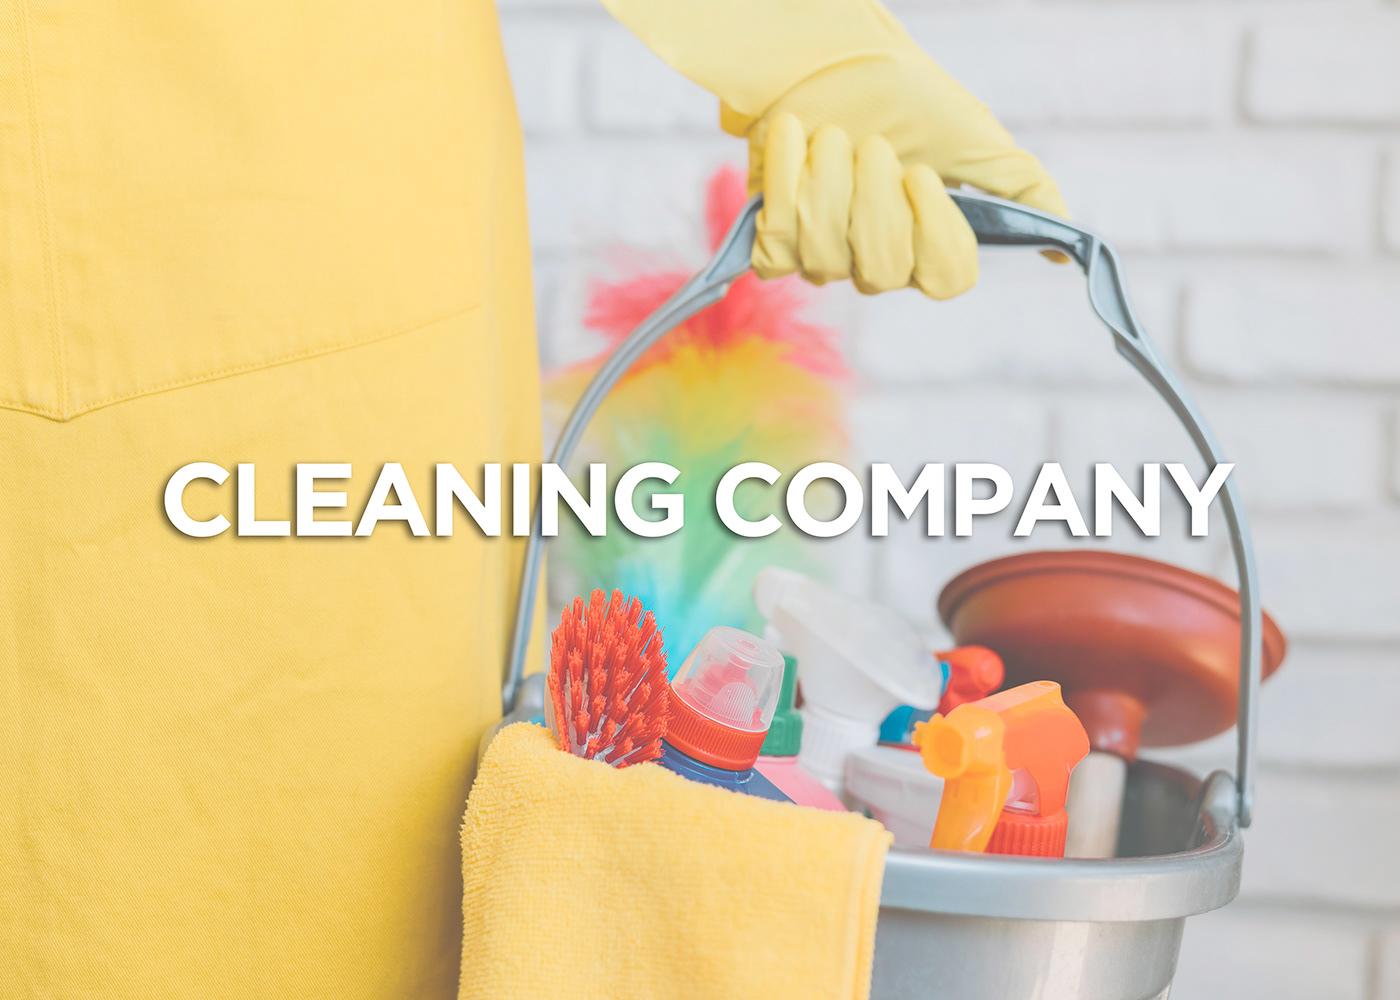 Якісна прибирання квартир, магазинів і будь-який інший нерухомості у Вінниці. Замовте будь-який вид клінінгових послуг від Cleaning Group.